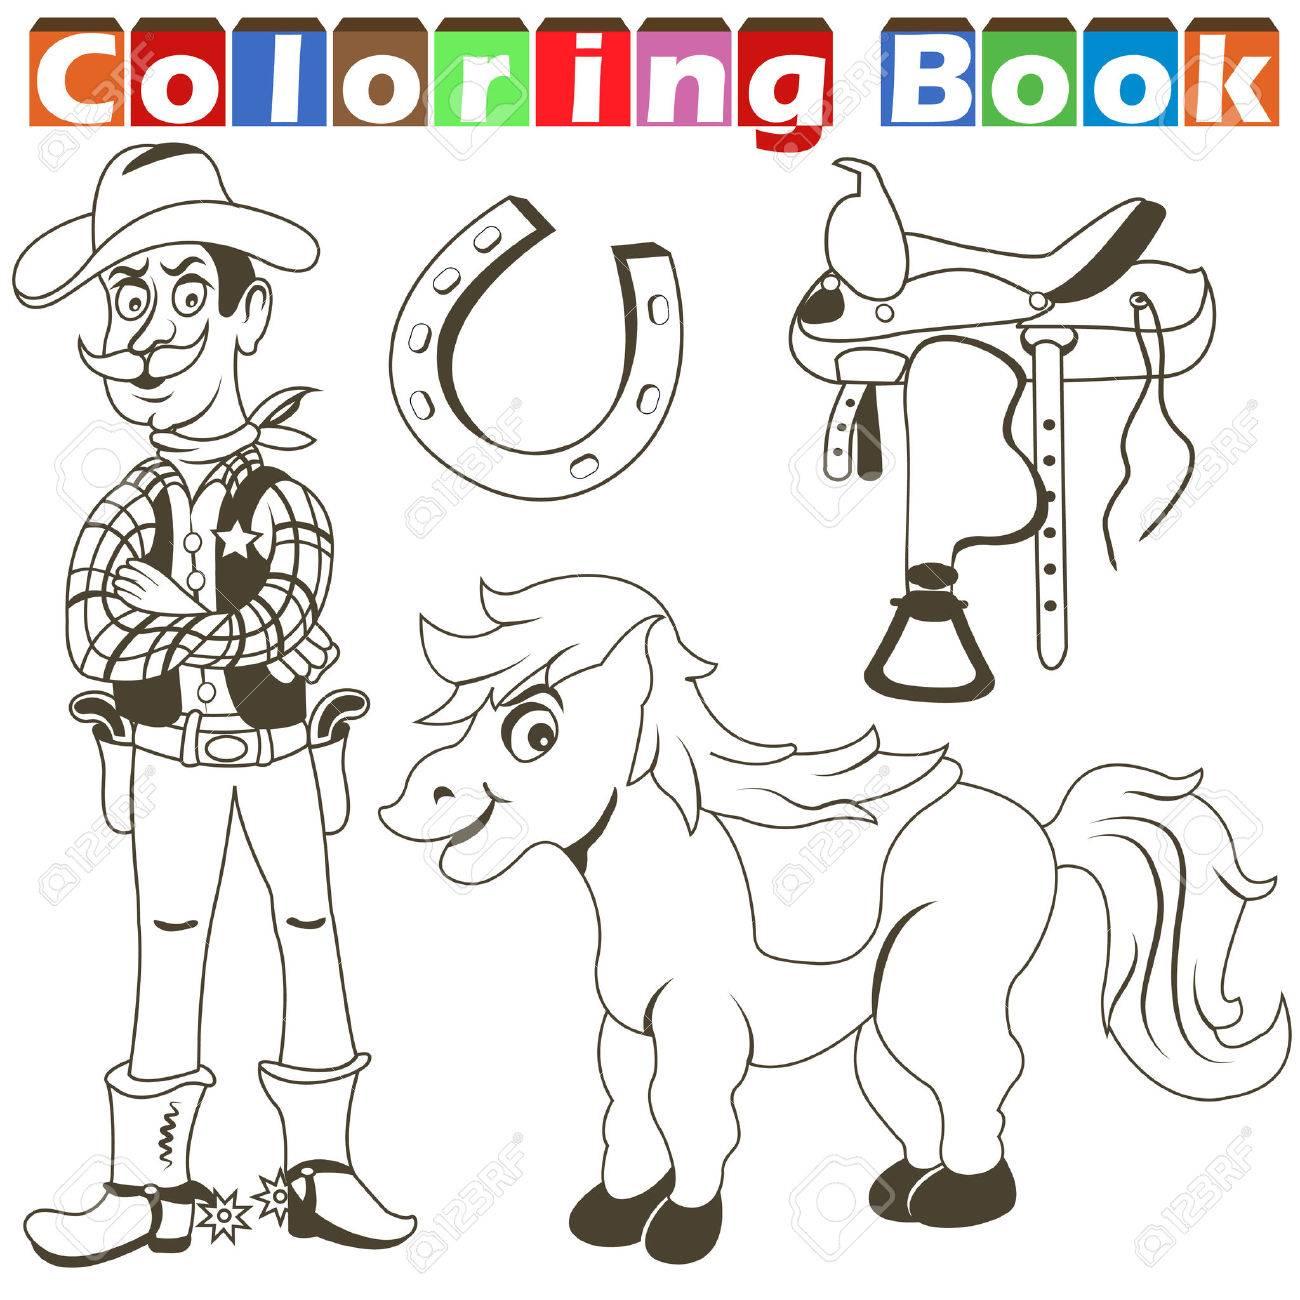 Ilustración Vectorial De Dibujos Animados De Una Recopilación De Imágenes De Vaquero Para Colorear